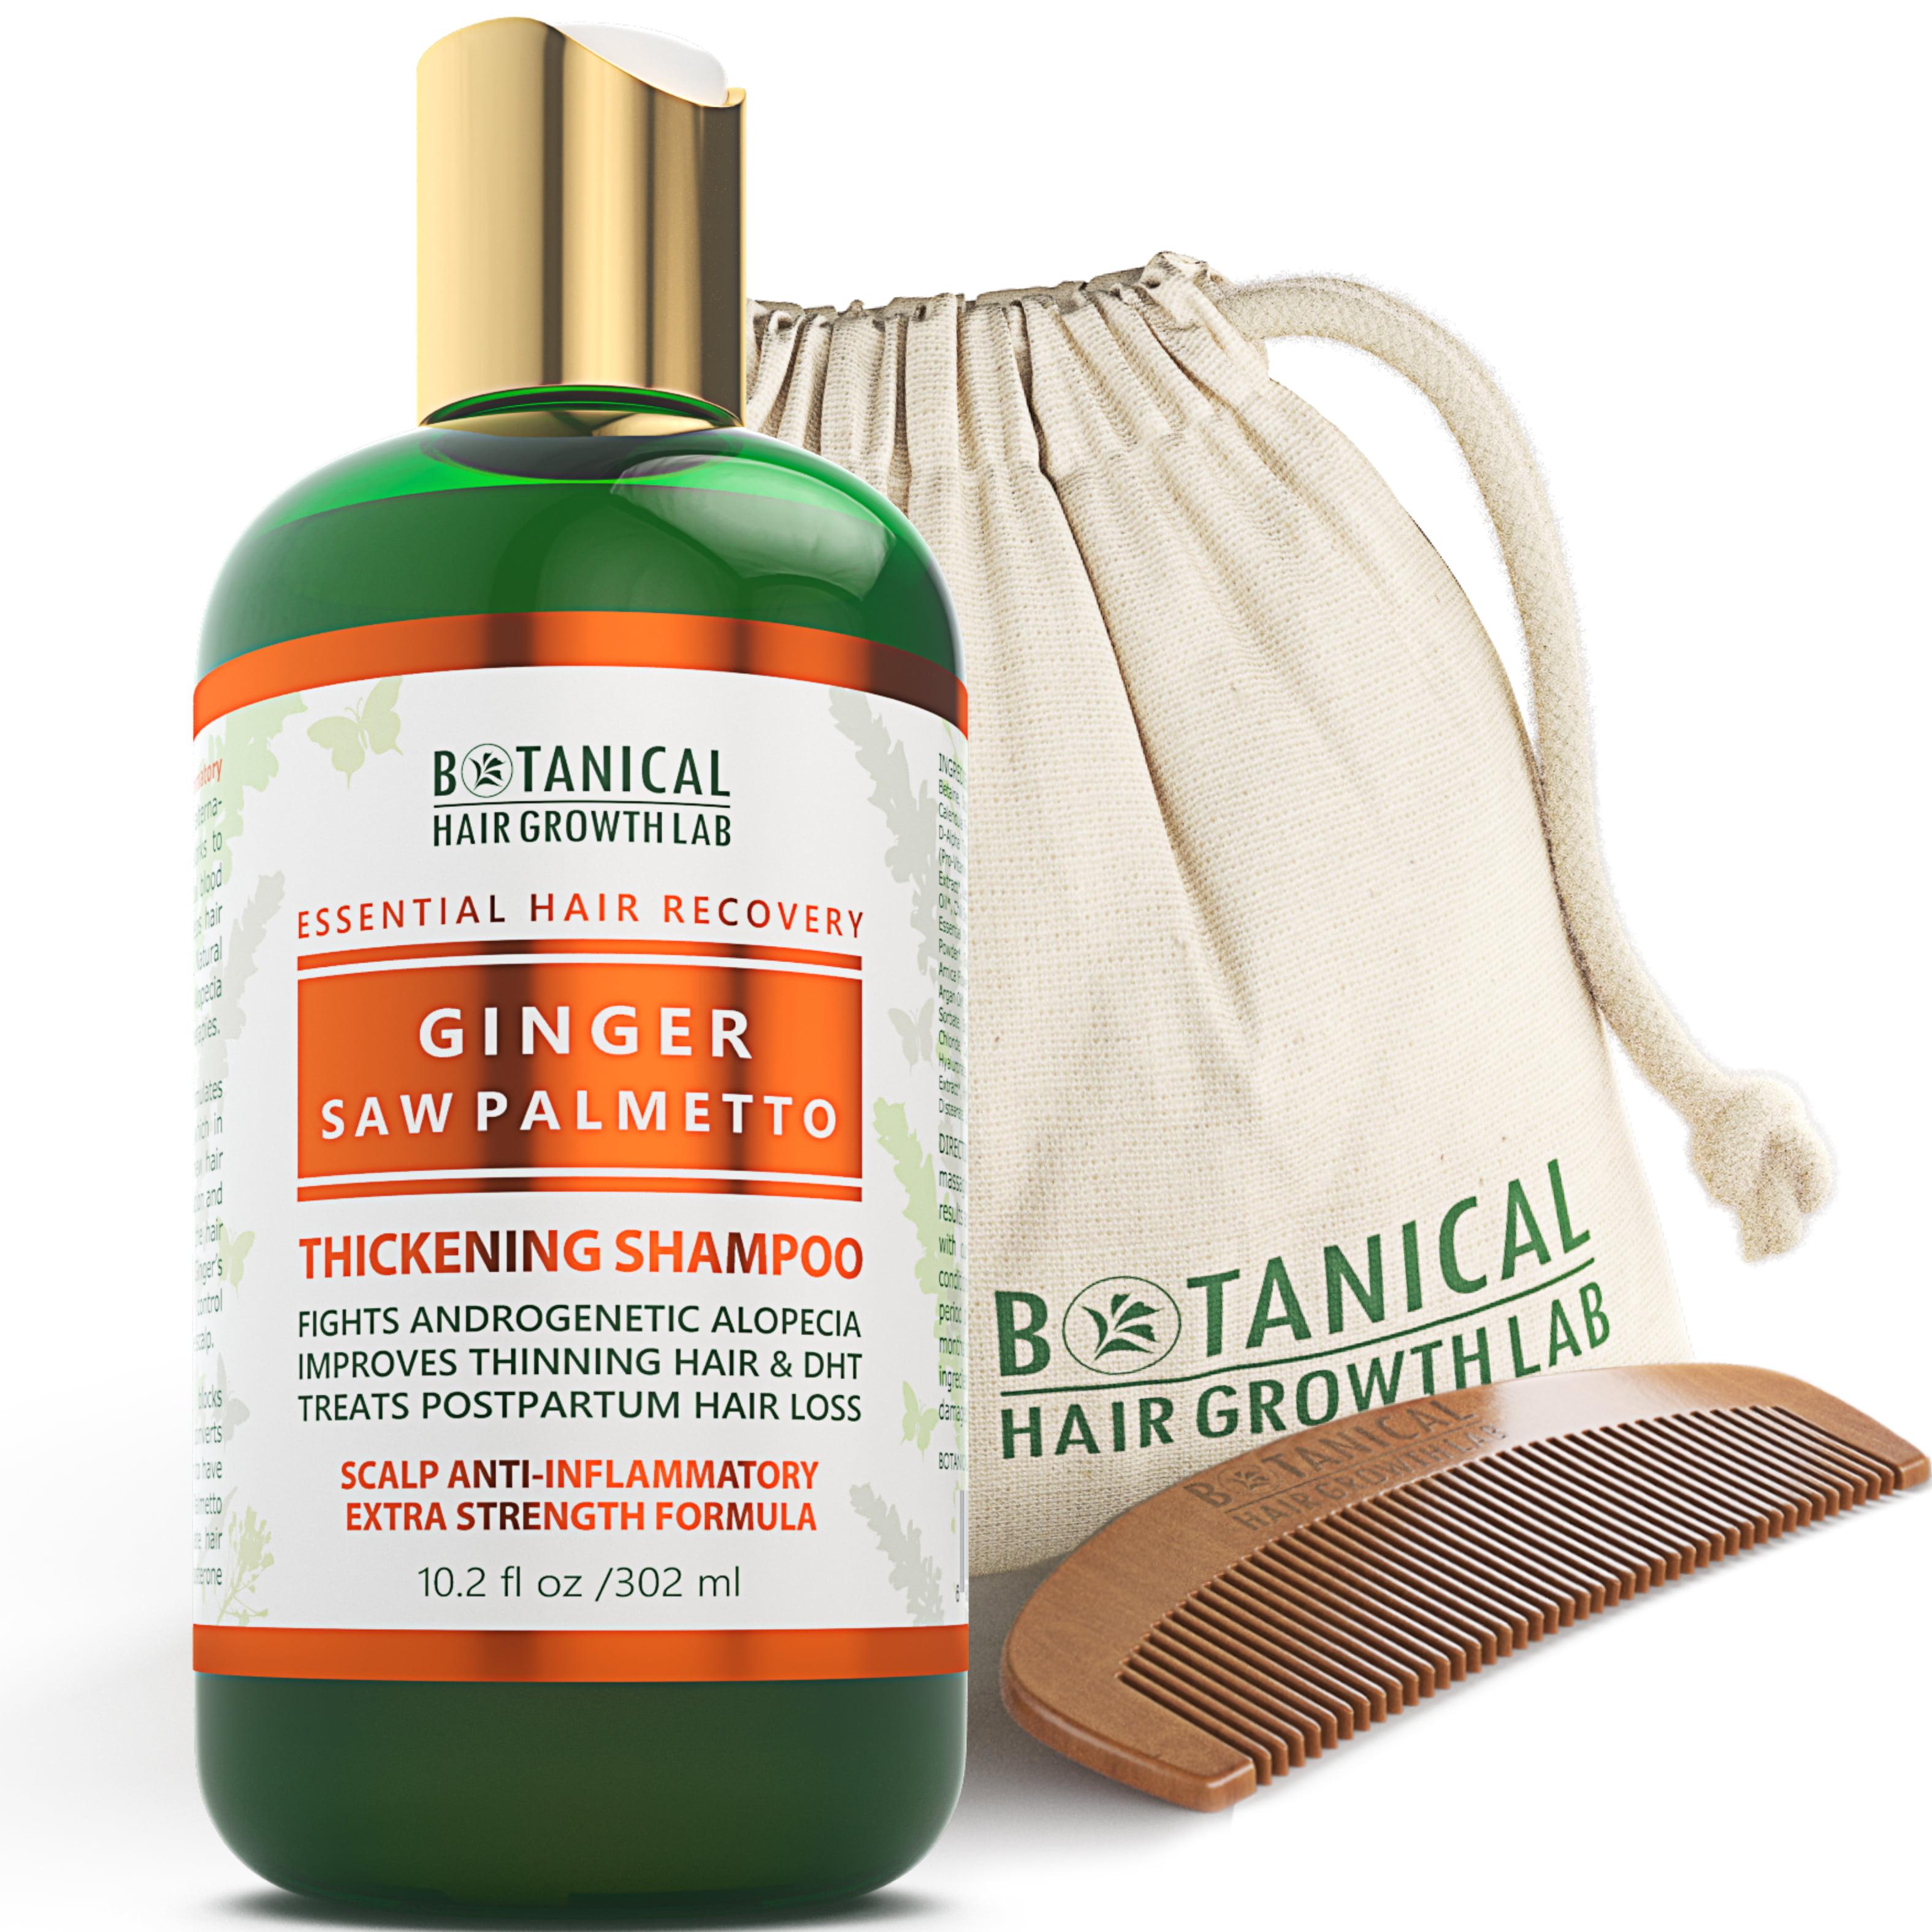 Anti-Hair Loss Shampoo For Hair Growth Ginger - Saw